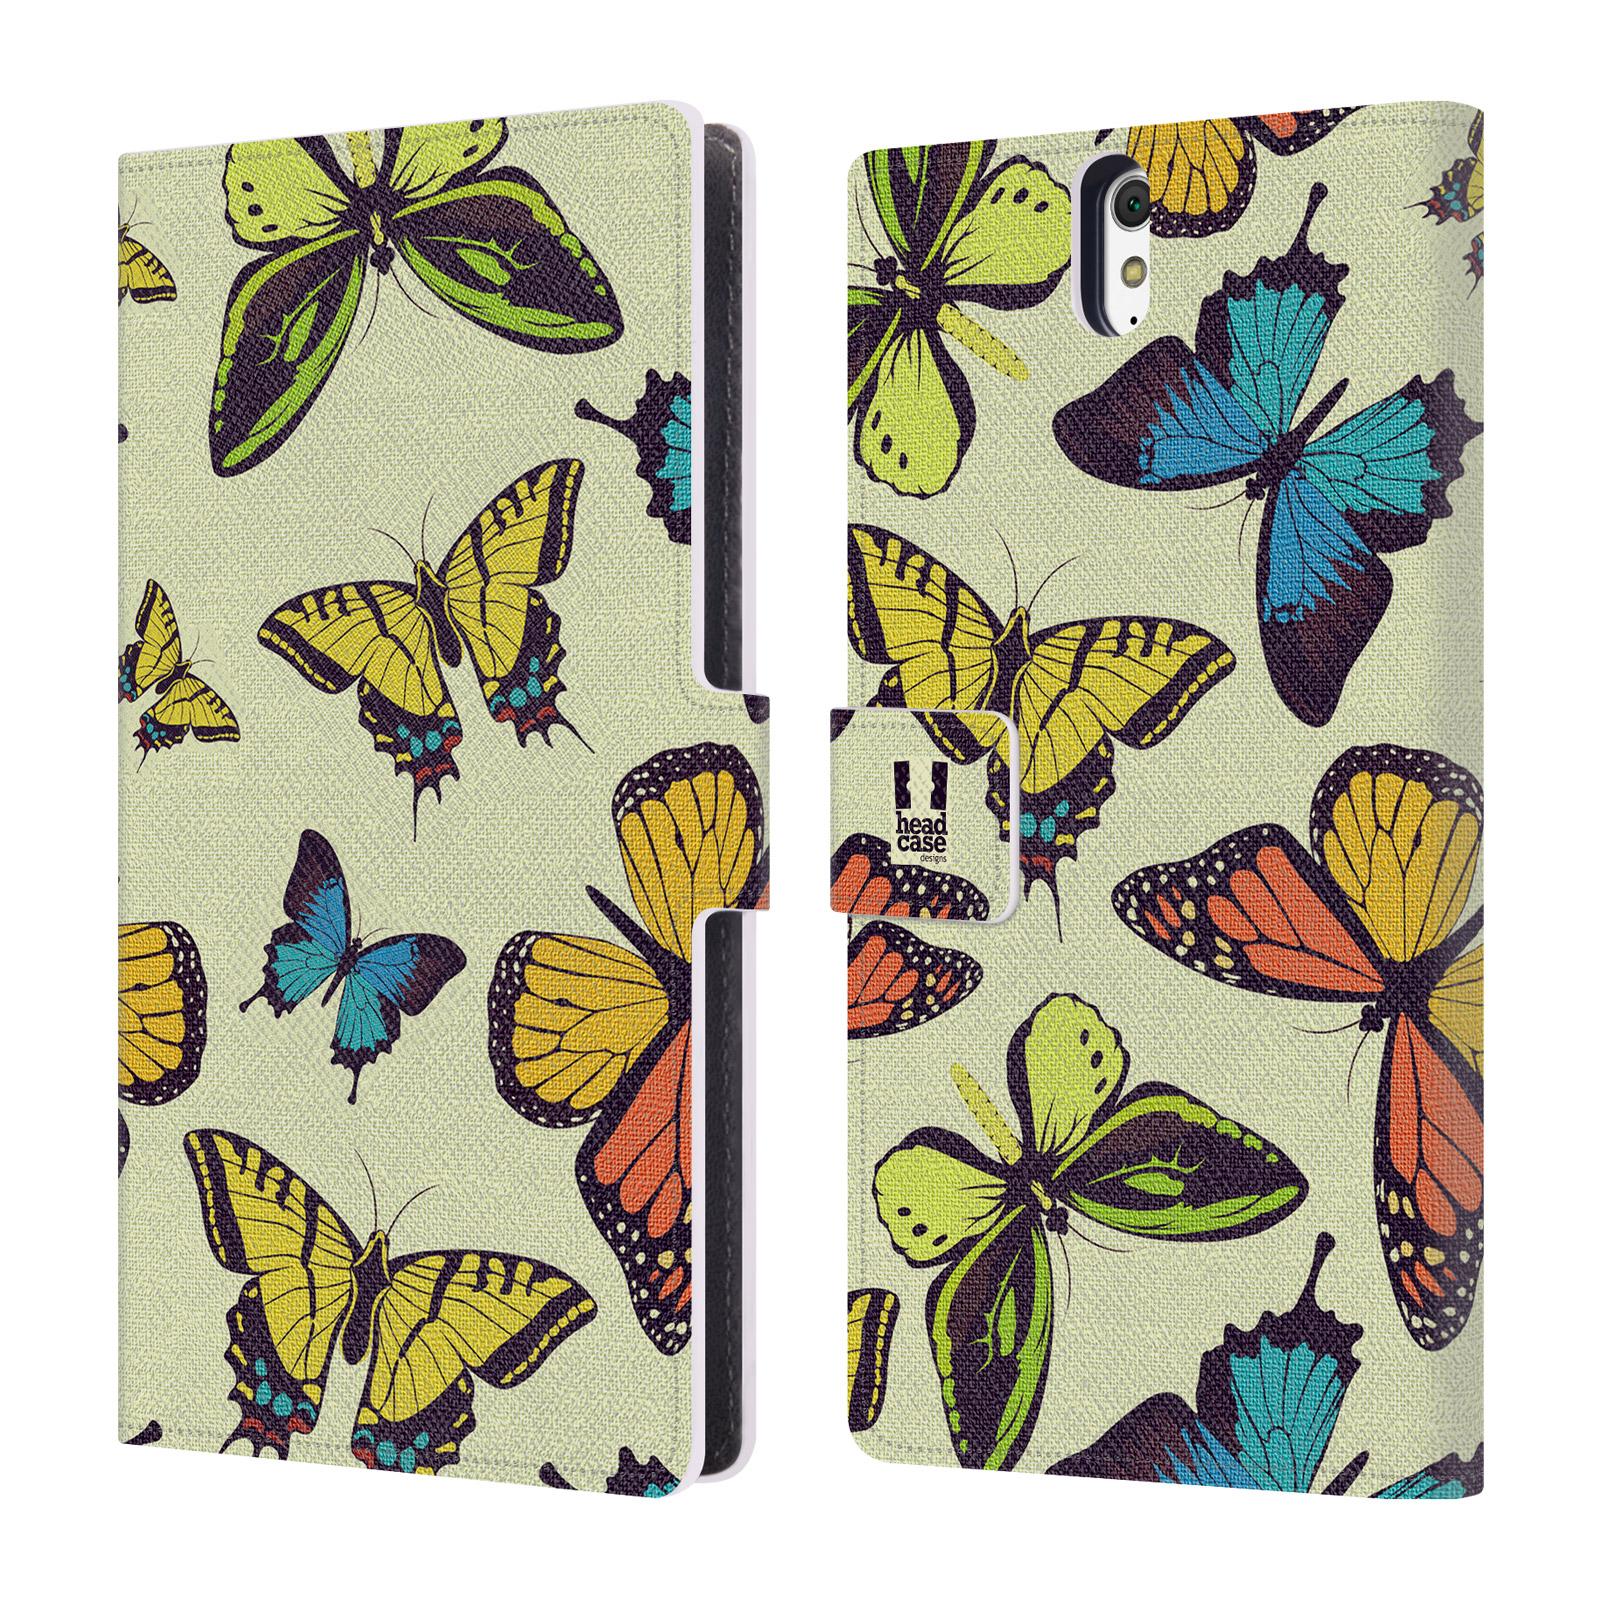 HEAD CASE Flipové pouzdro pro mobil SONY XPERIA C5 Ultra Vzorkovaný motýl MIX